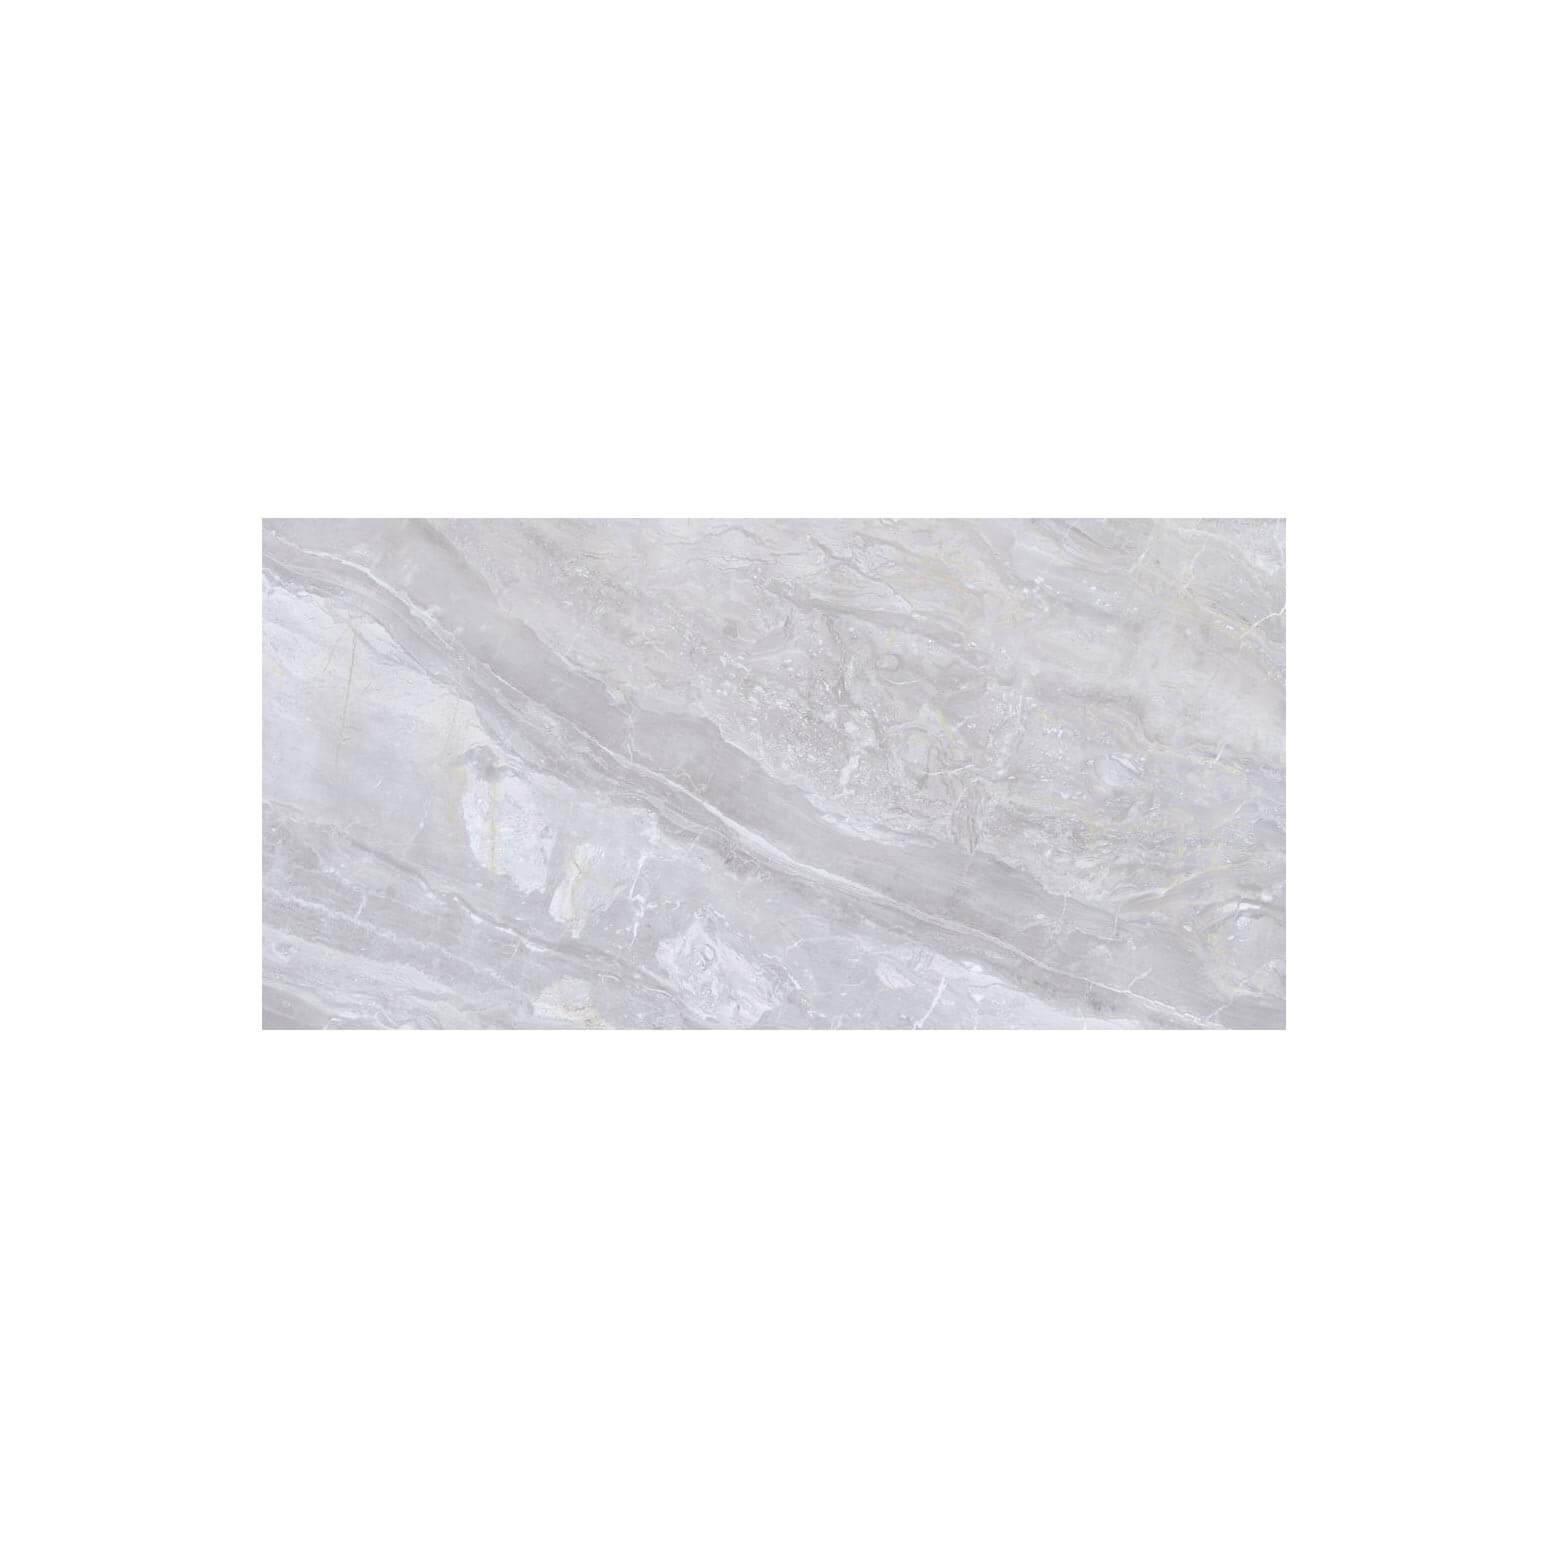 Carrelage sol et mur poli aspect marbre Luxury White 60x120 cm rectifié